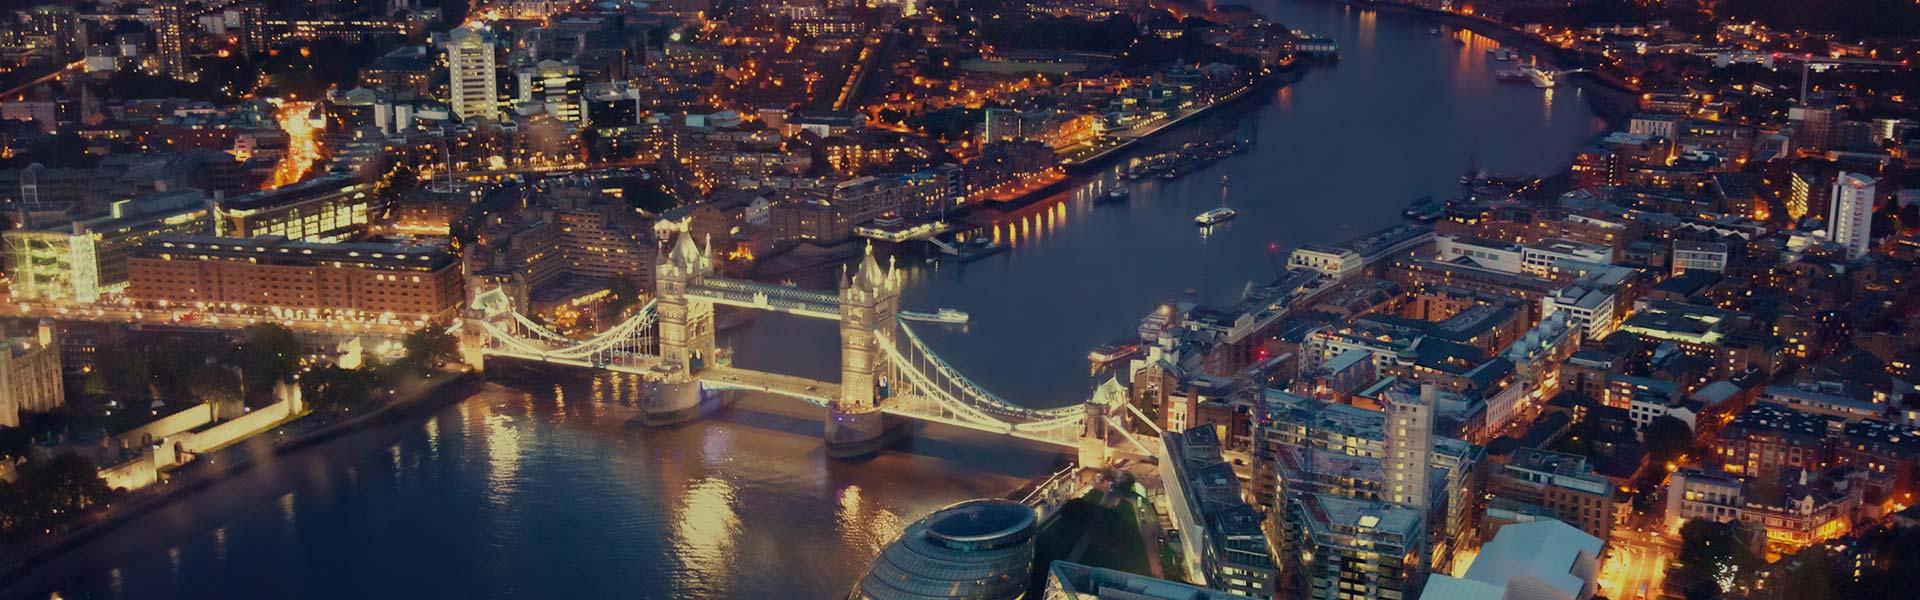 View-Of-London-Tower-Bridge-Big-Bus-Tours-Dec-2016